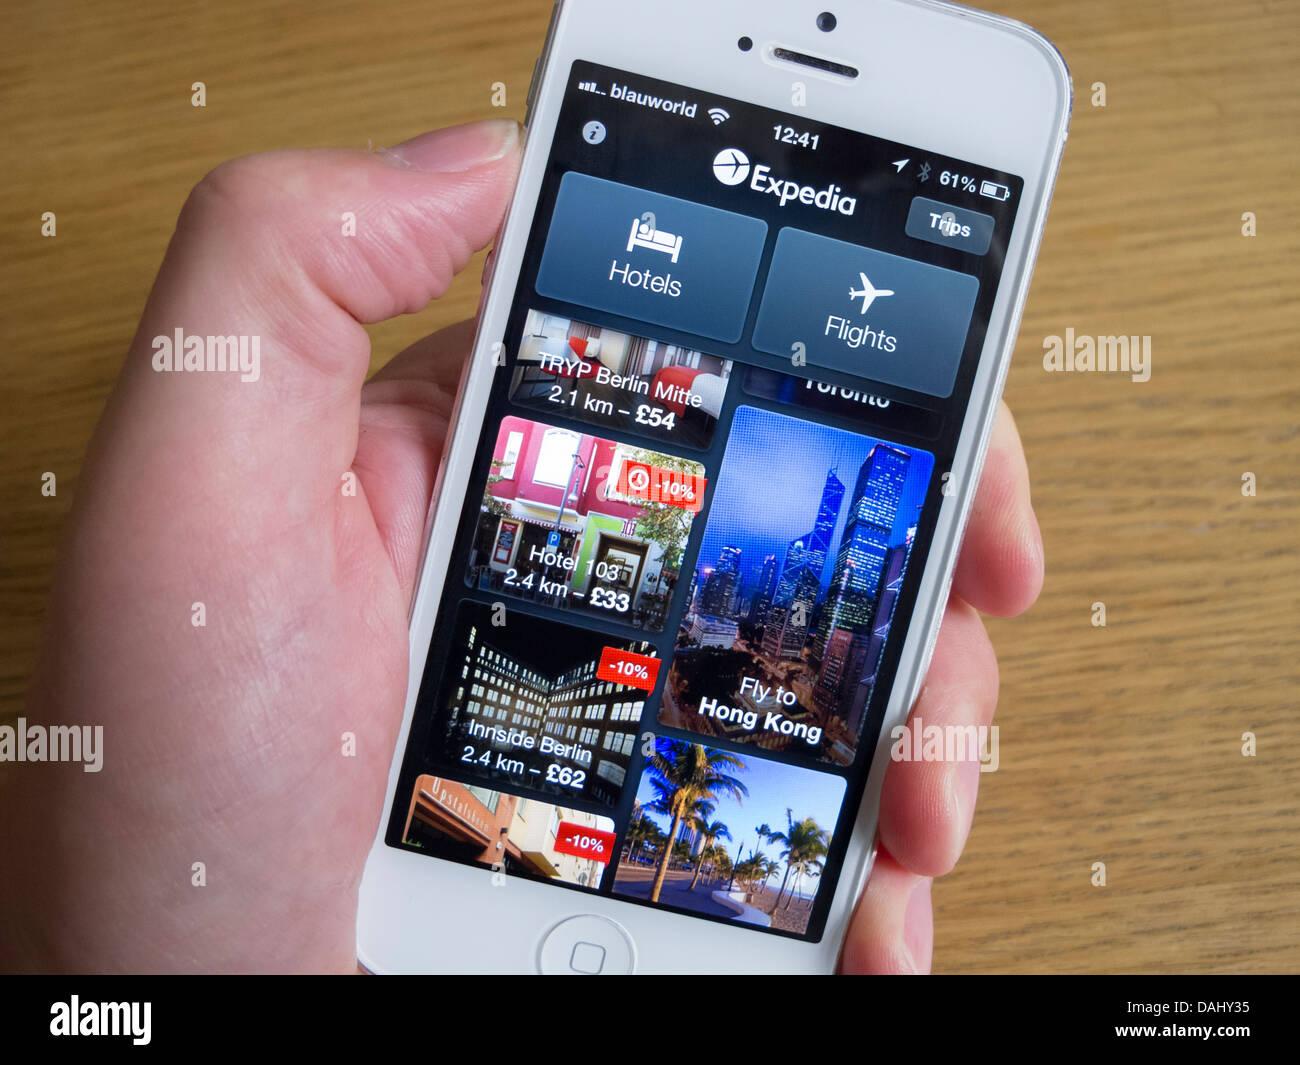 Mit Expedia app buchen Reisen auf weißes iPhone 5 smartphone Stockbild